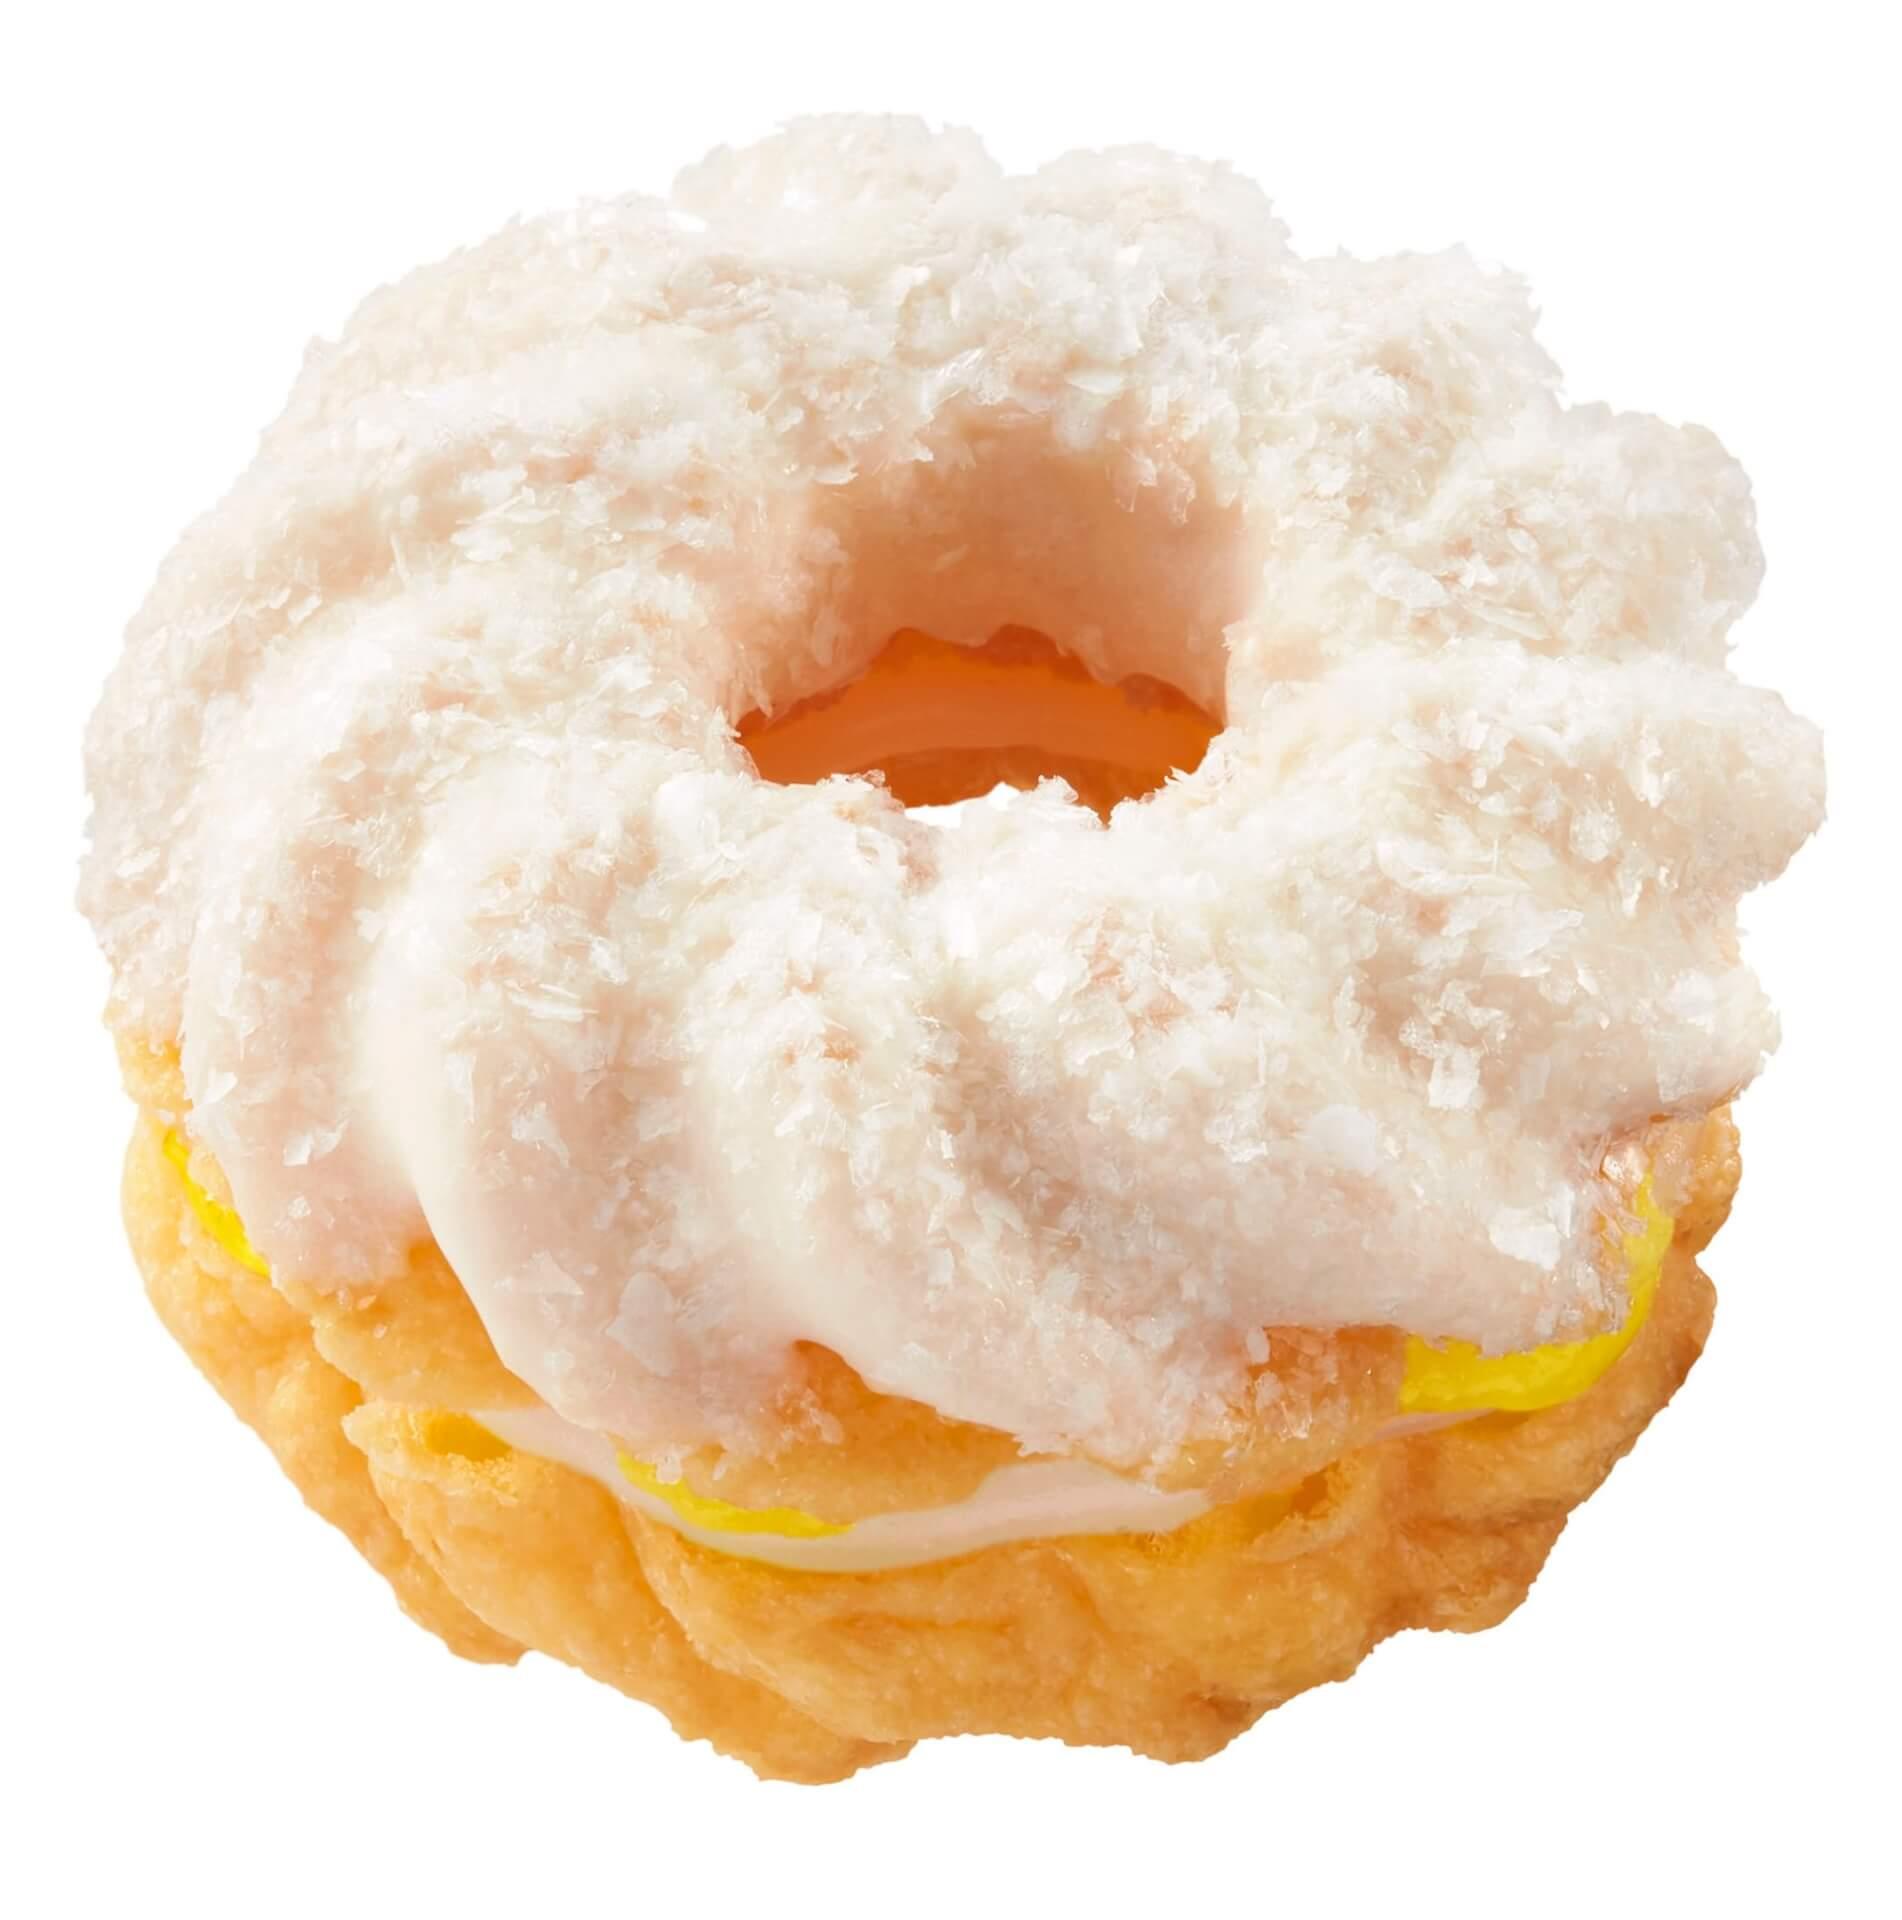 ミスタードーナツにもち×ドーナツの新食感スイーツ誕生!『もちクリームドーナツコレクション』全6種類が発売決定 gourmet200630_misterdonuts_5